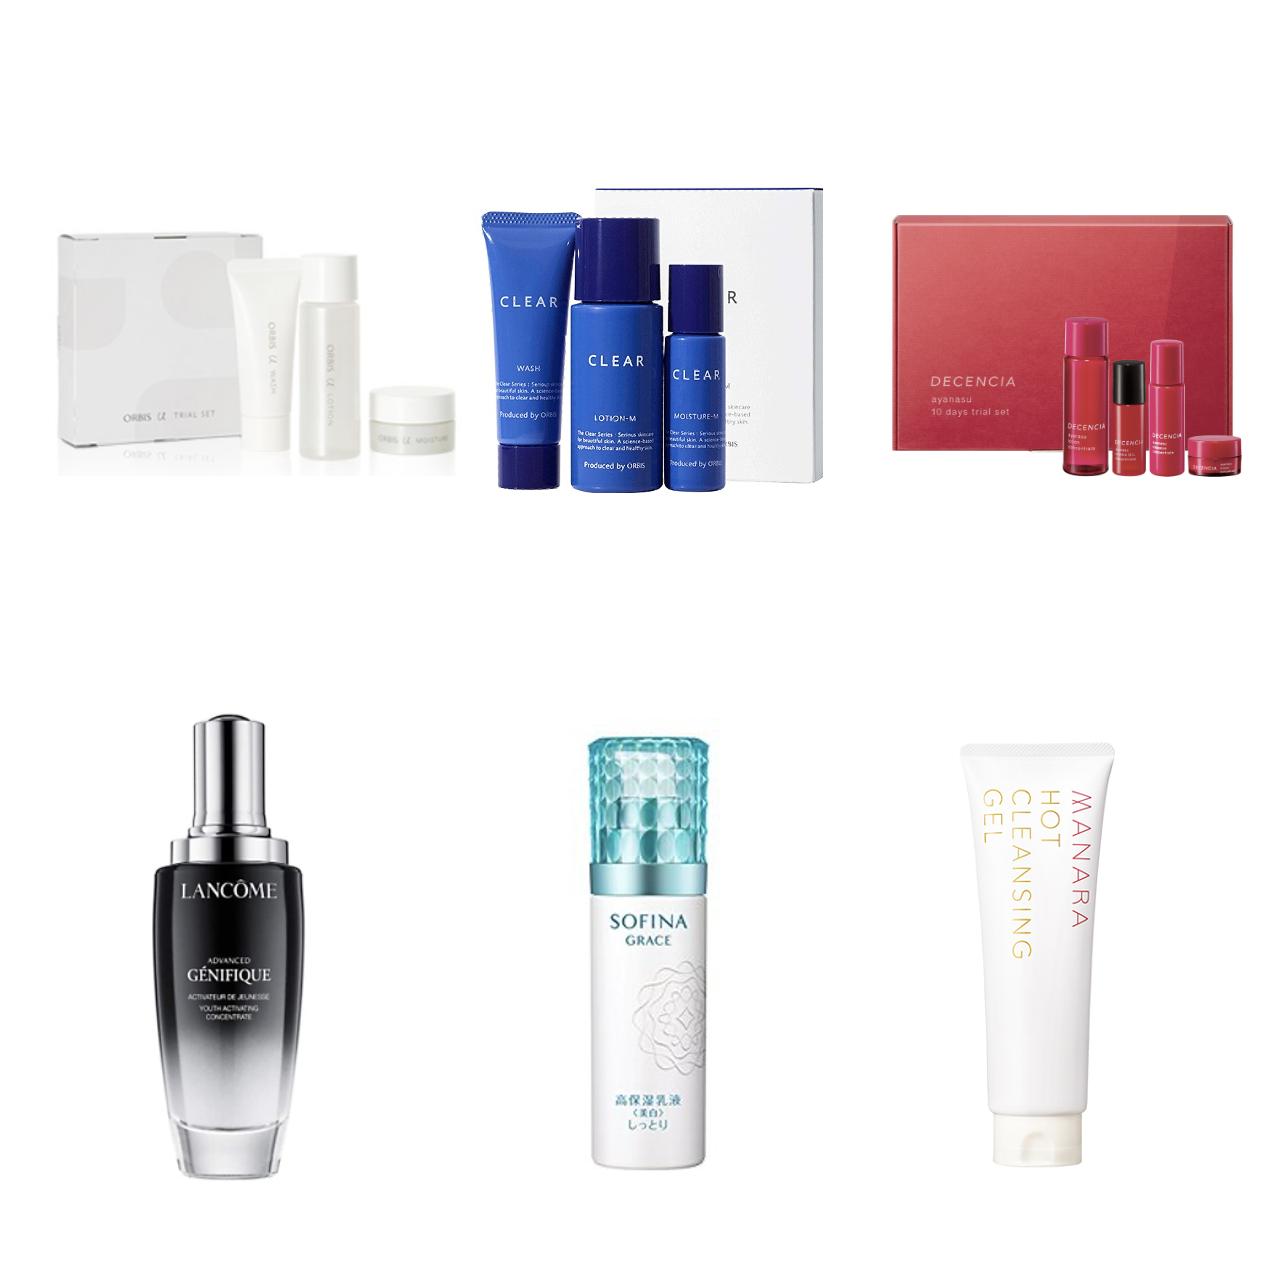 【50代向け】基礎化粧品おすすめ!人気のドラッグストアからプチプラ・デパコスまで厳選